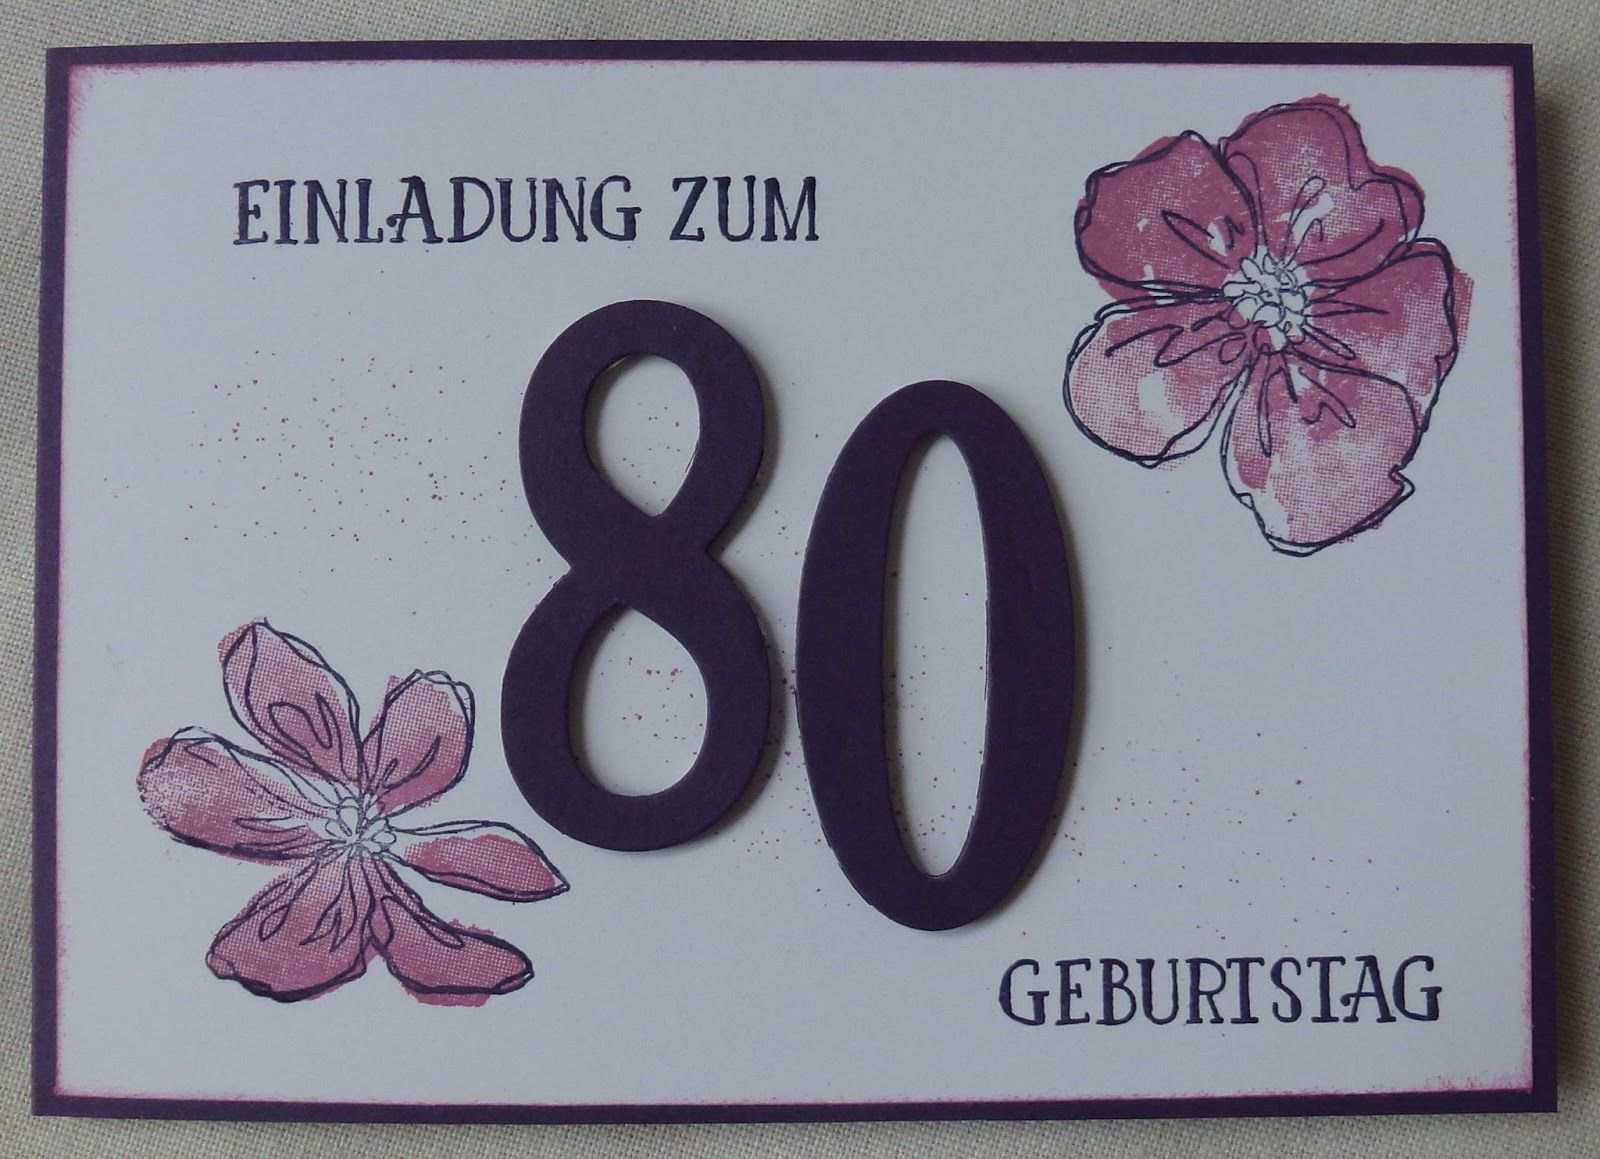 Einladung Zum Runden Geburtstag 80 Einladung 80 Geburtstag Selbst Drucken Einladung 80 Geburtstag Einladungskarten Kostenlos Einladungskarten 80 Geburtstag